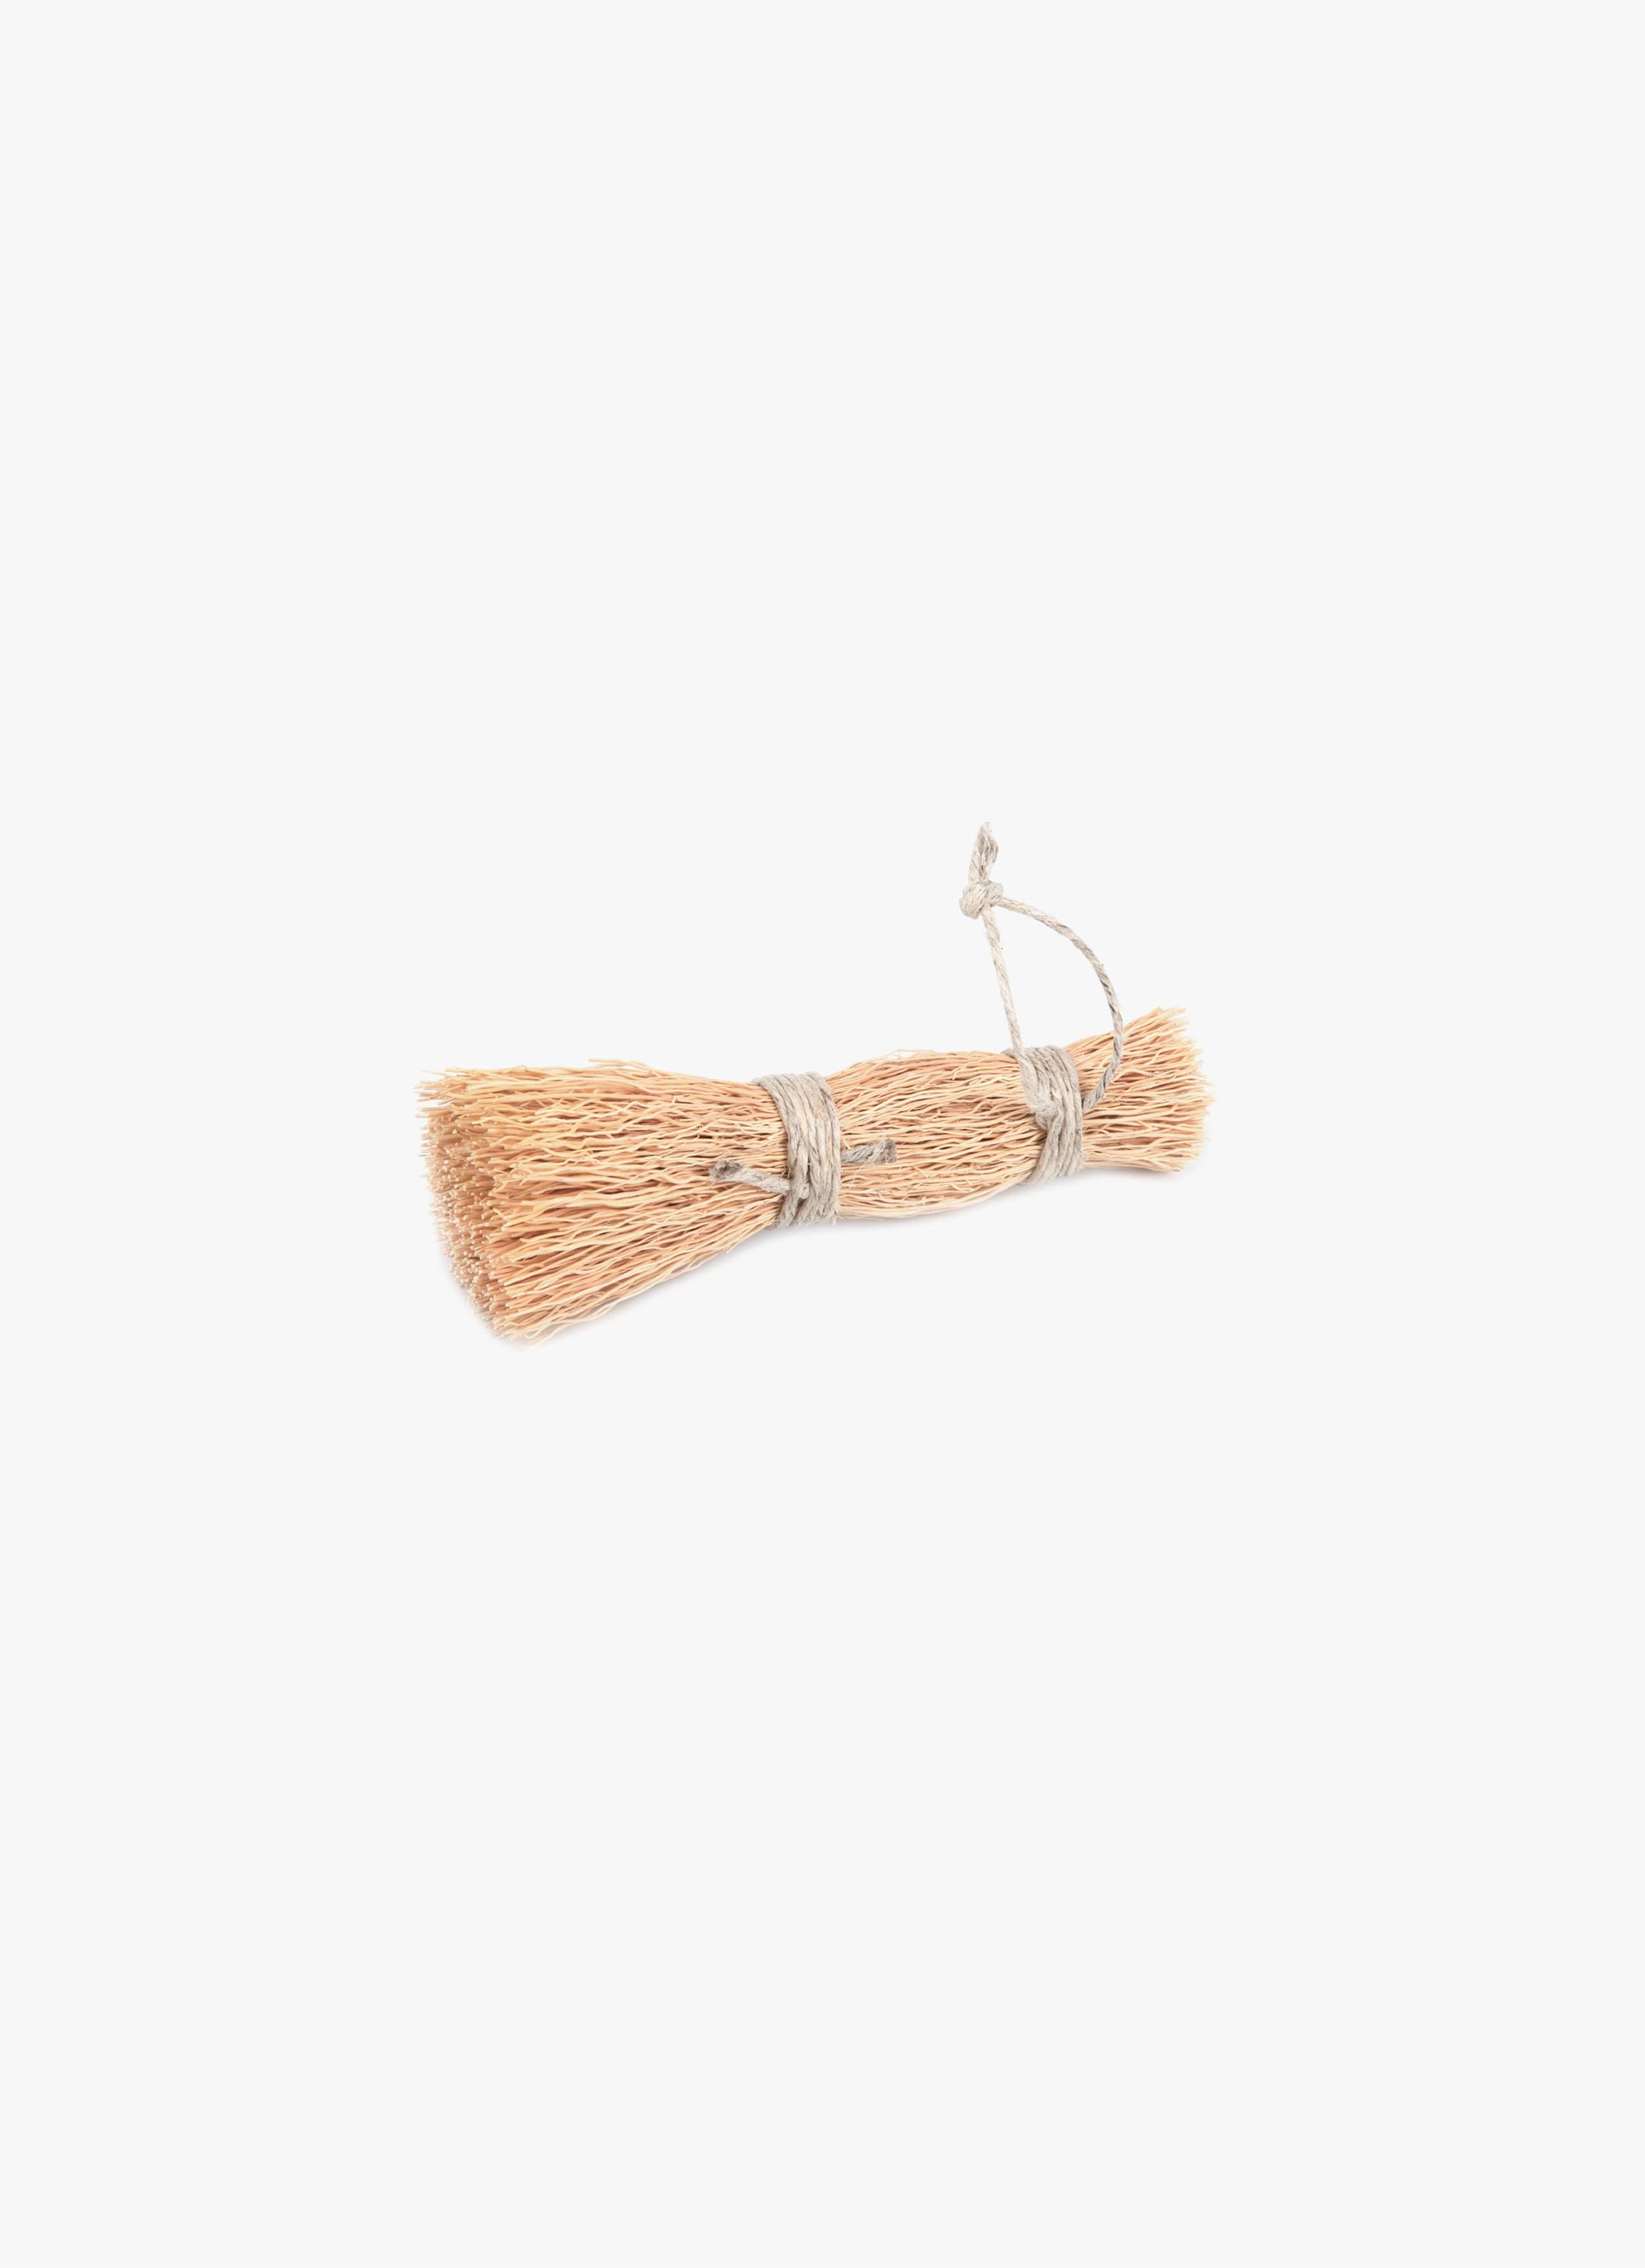 Iris Hantverk - Washing-up whisk